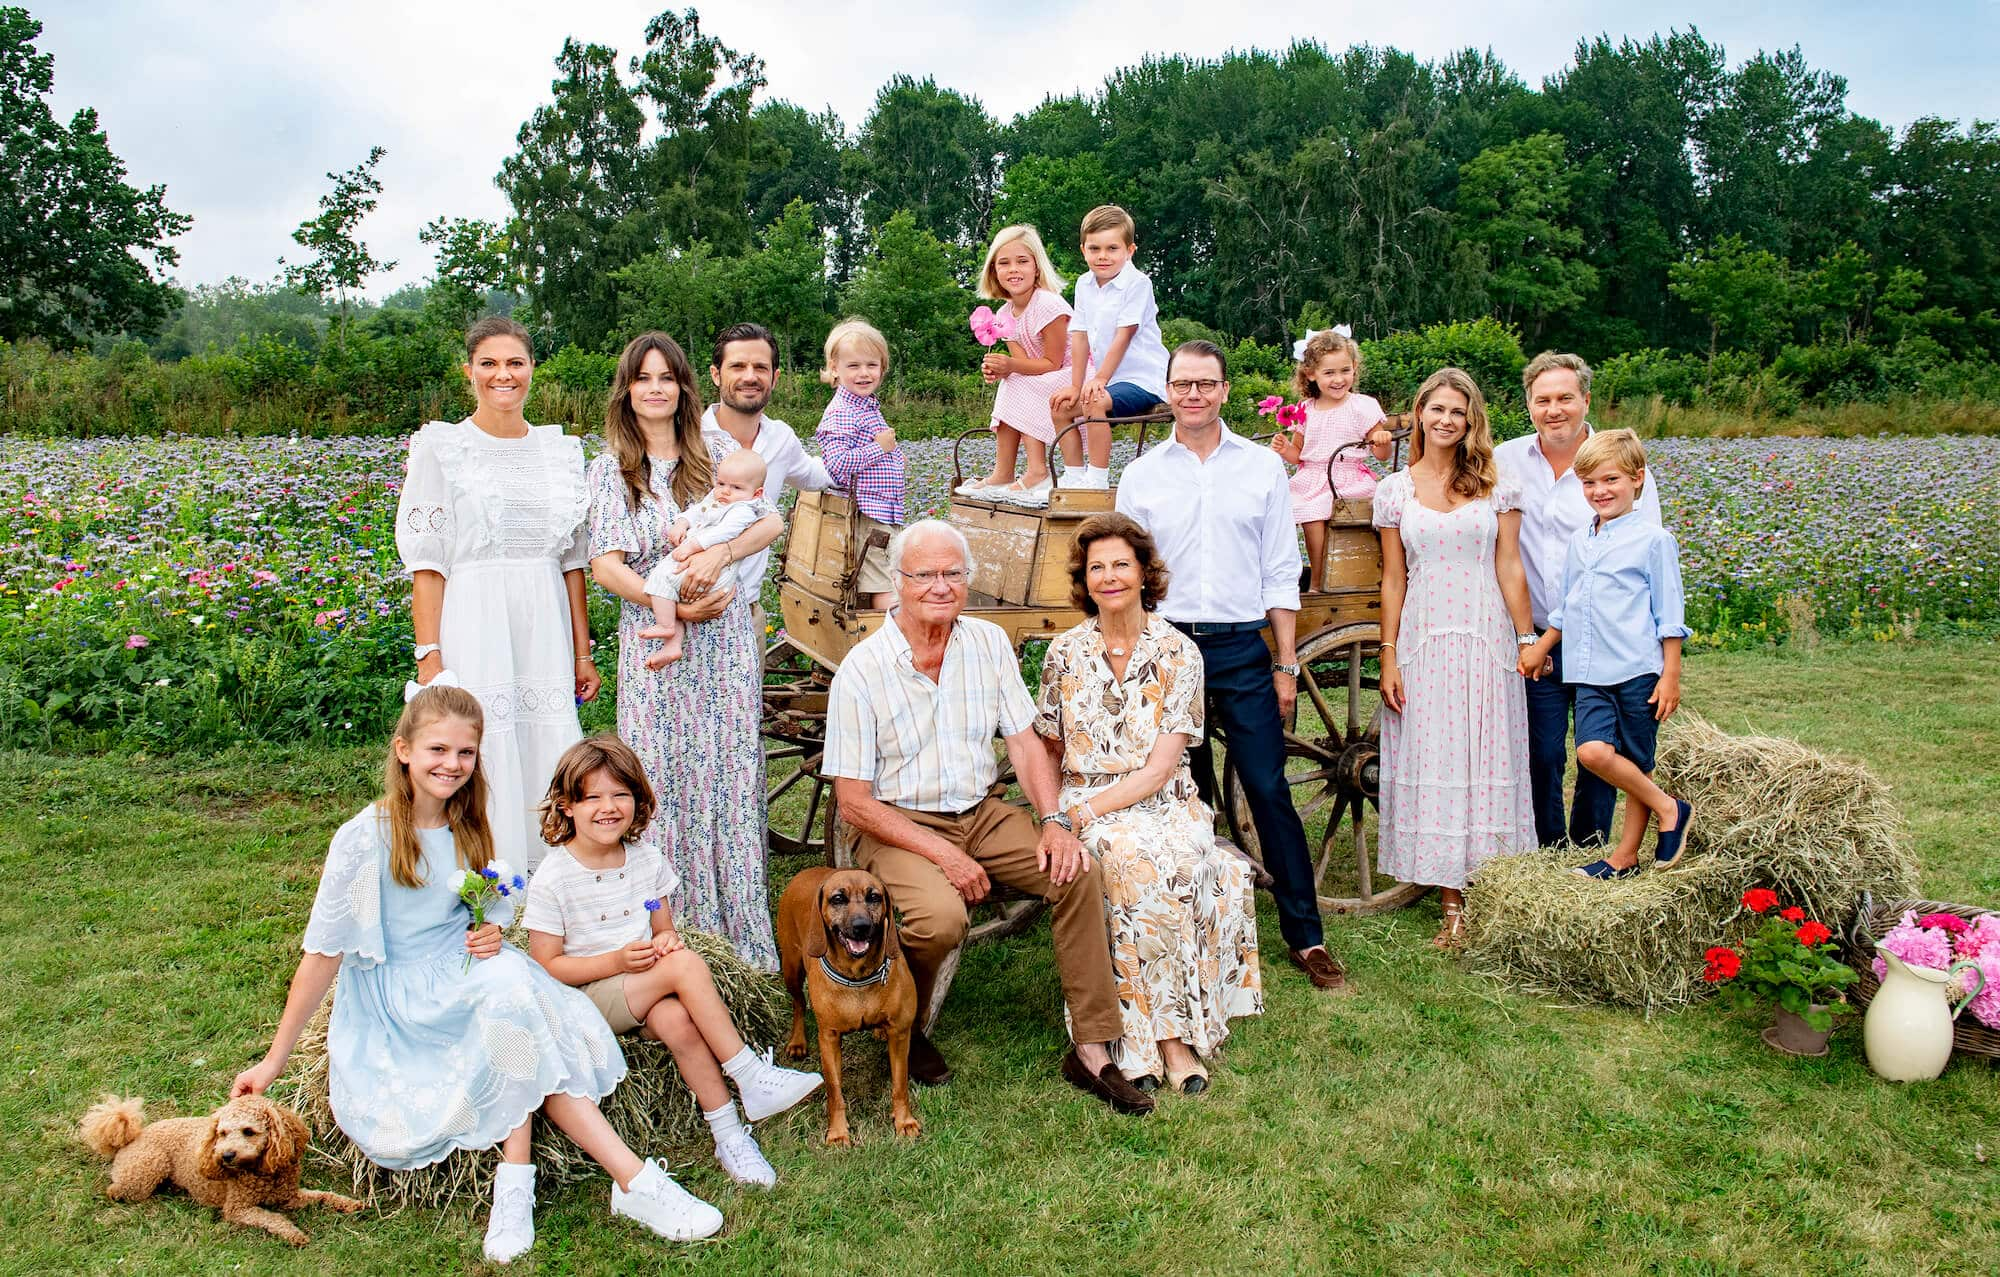 Schwedische Royals: So deutsch sind ihre Wurzeln